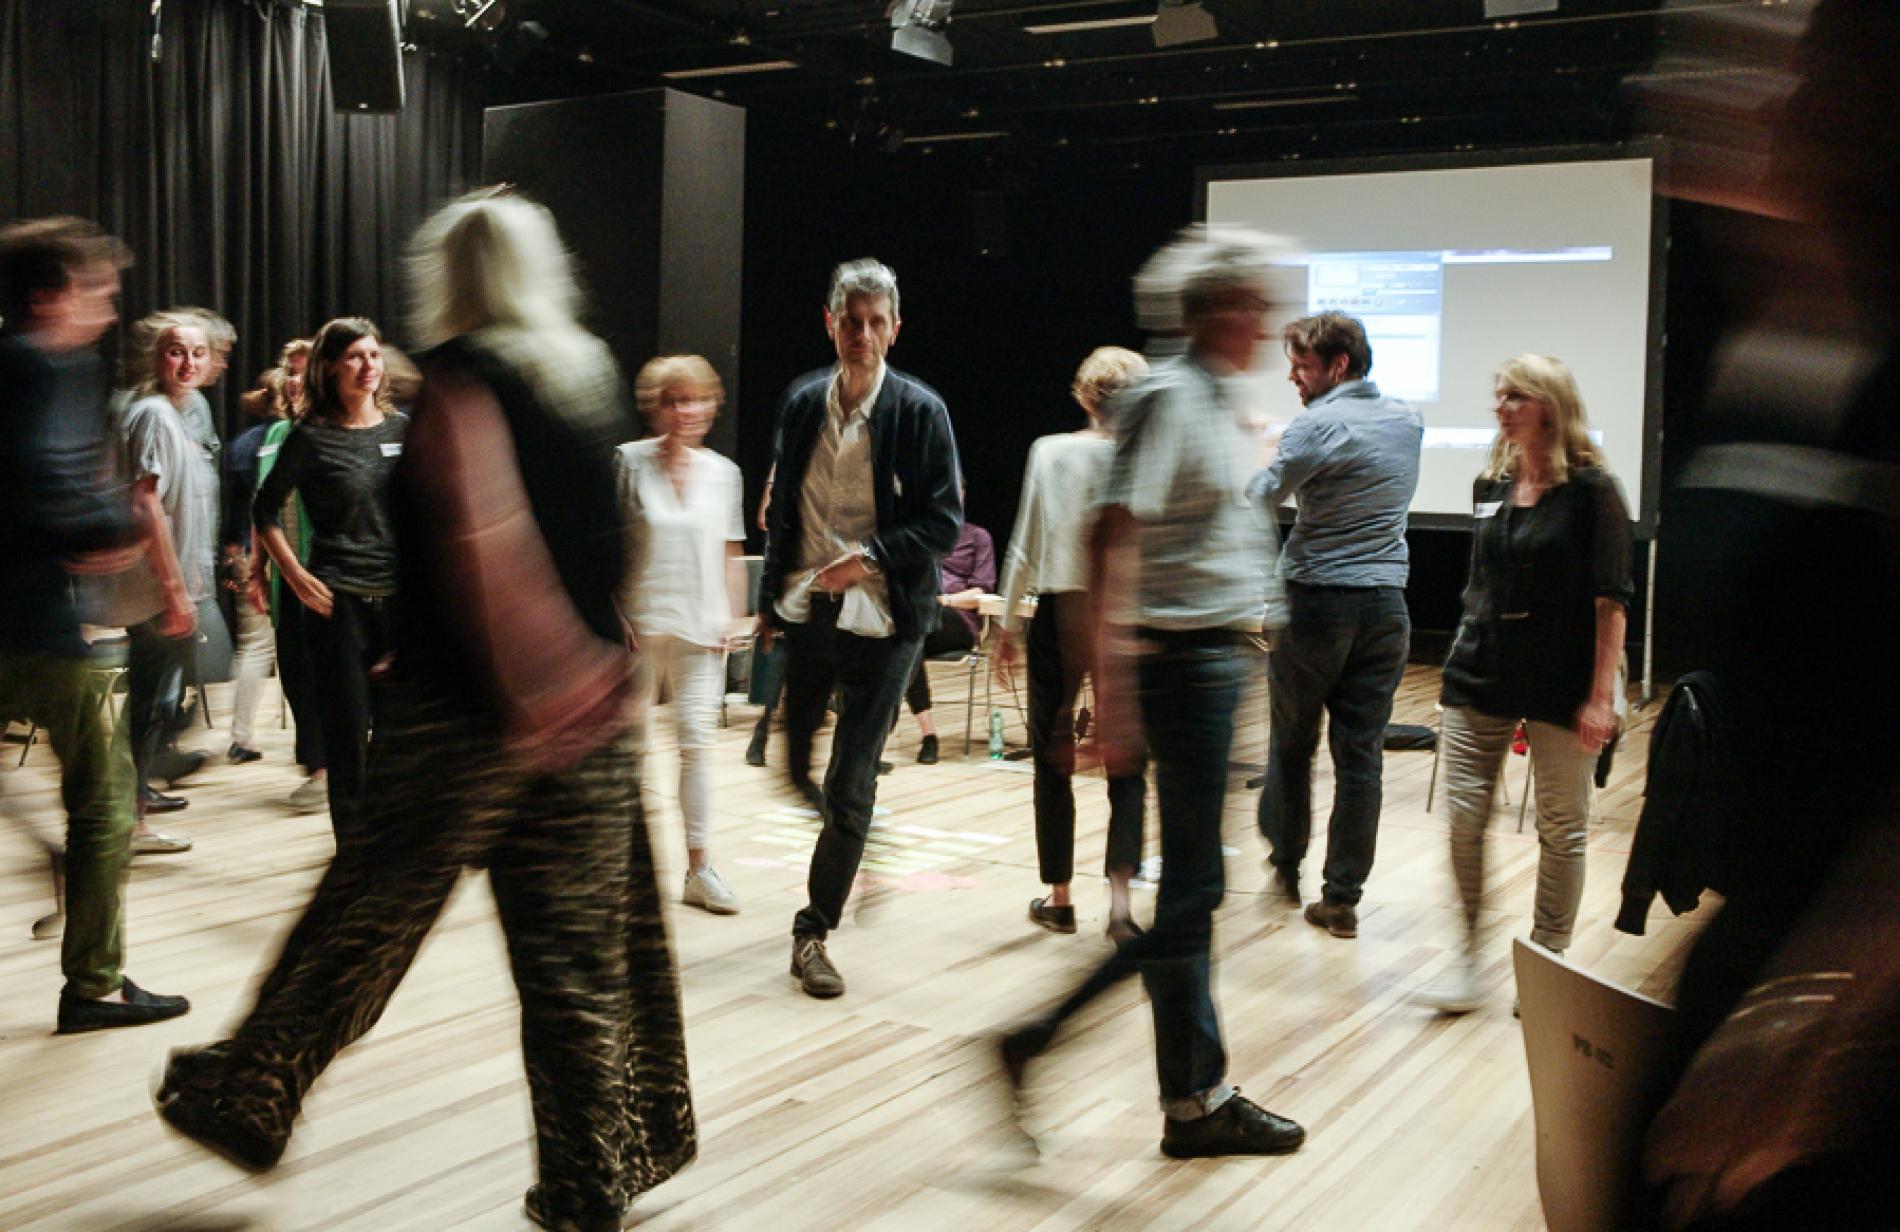 Workshop with ETC Members walking in the room